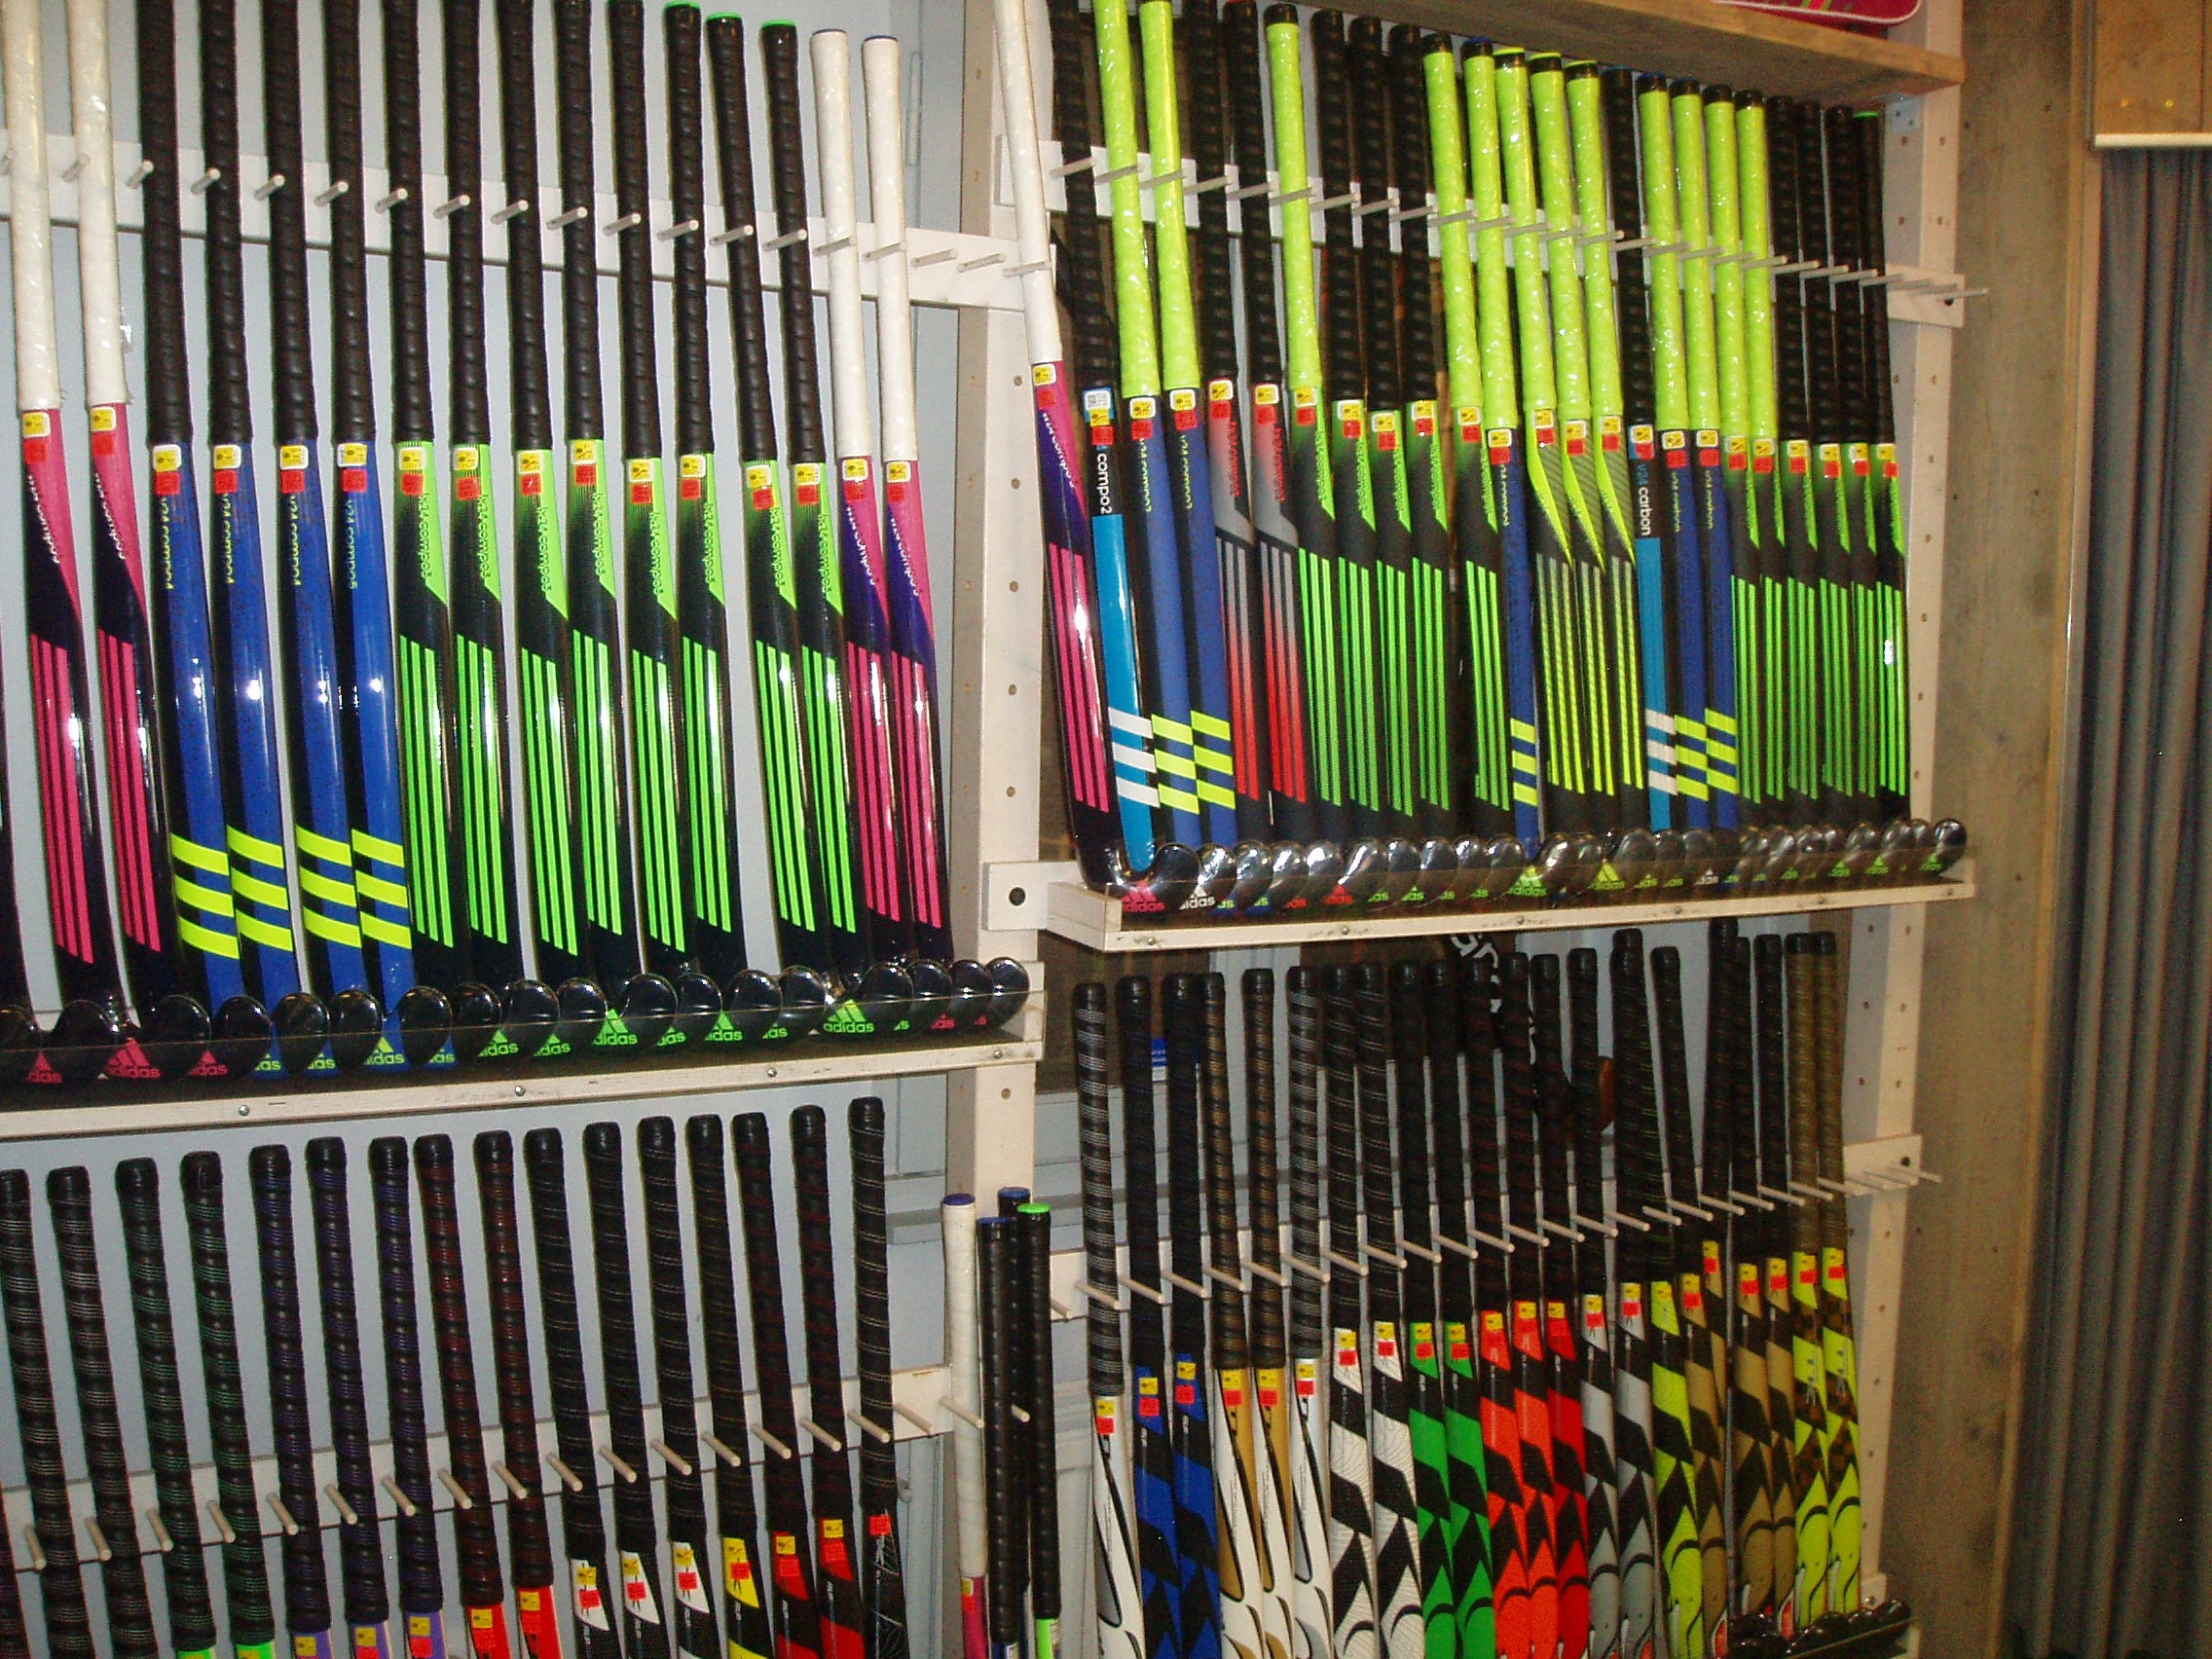 nieuwe collectie hockeysticks 2016/17, AANBIEDINGEN (525)